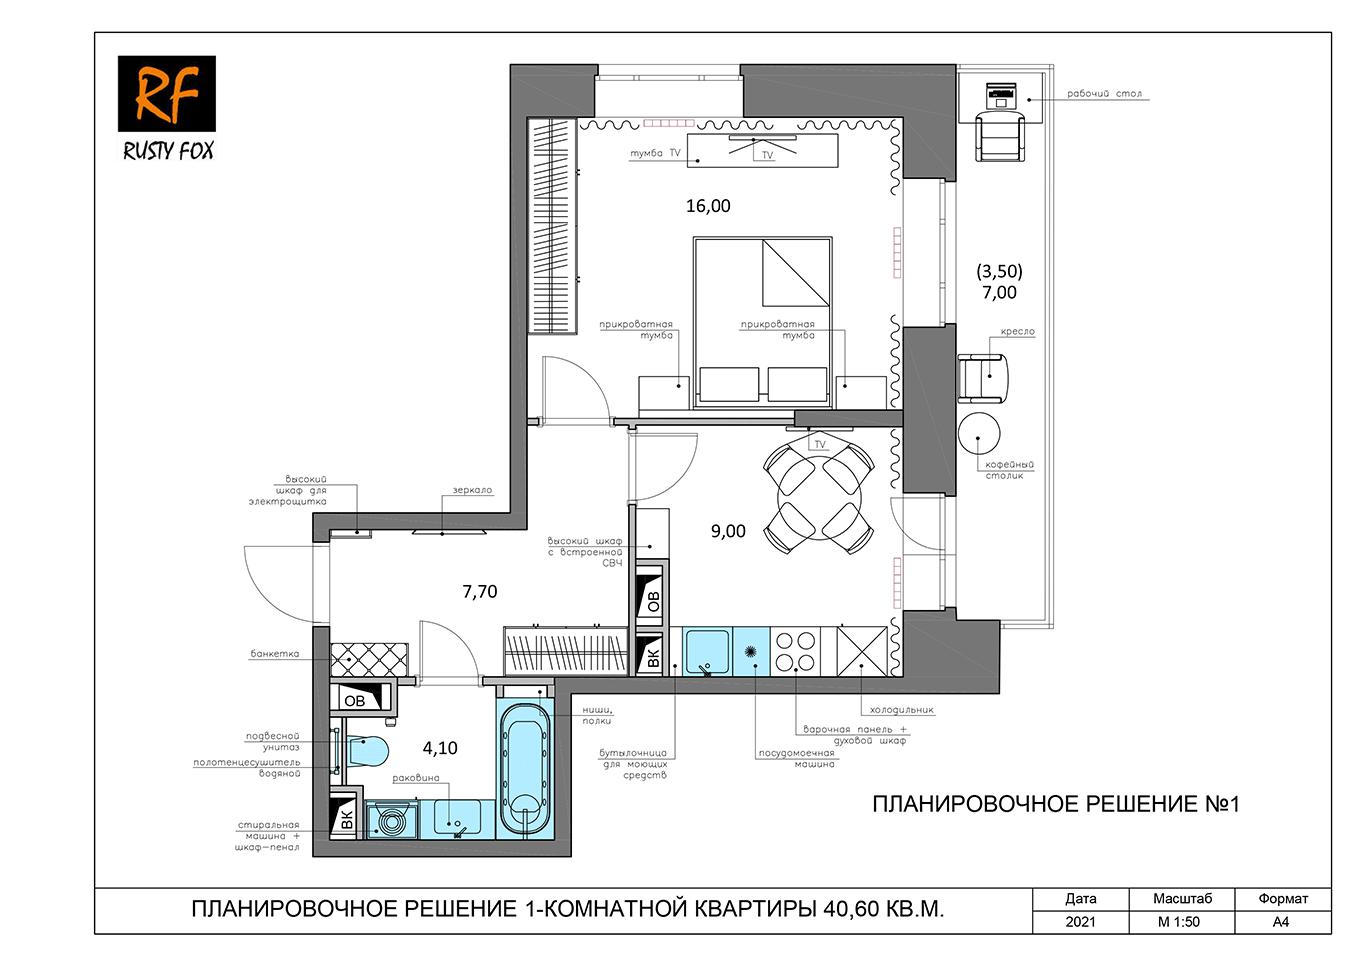 ЖК Люберцы корпус 54. Планировочное решение №1 1-комнотная квартира 40,60 кв.м.